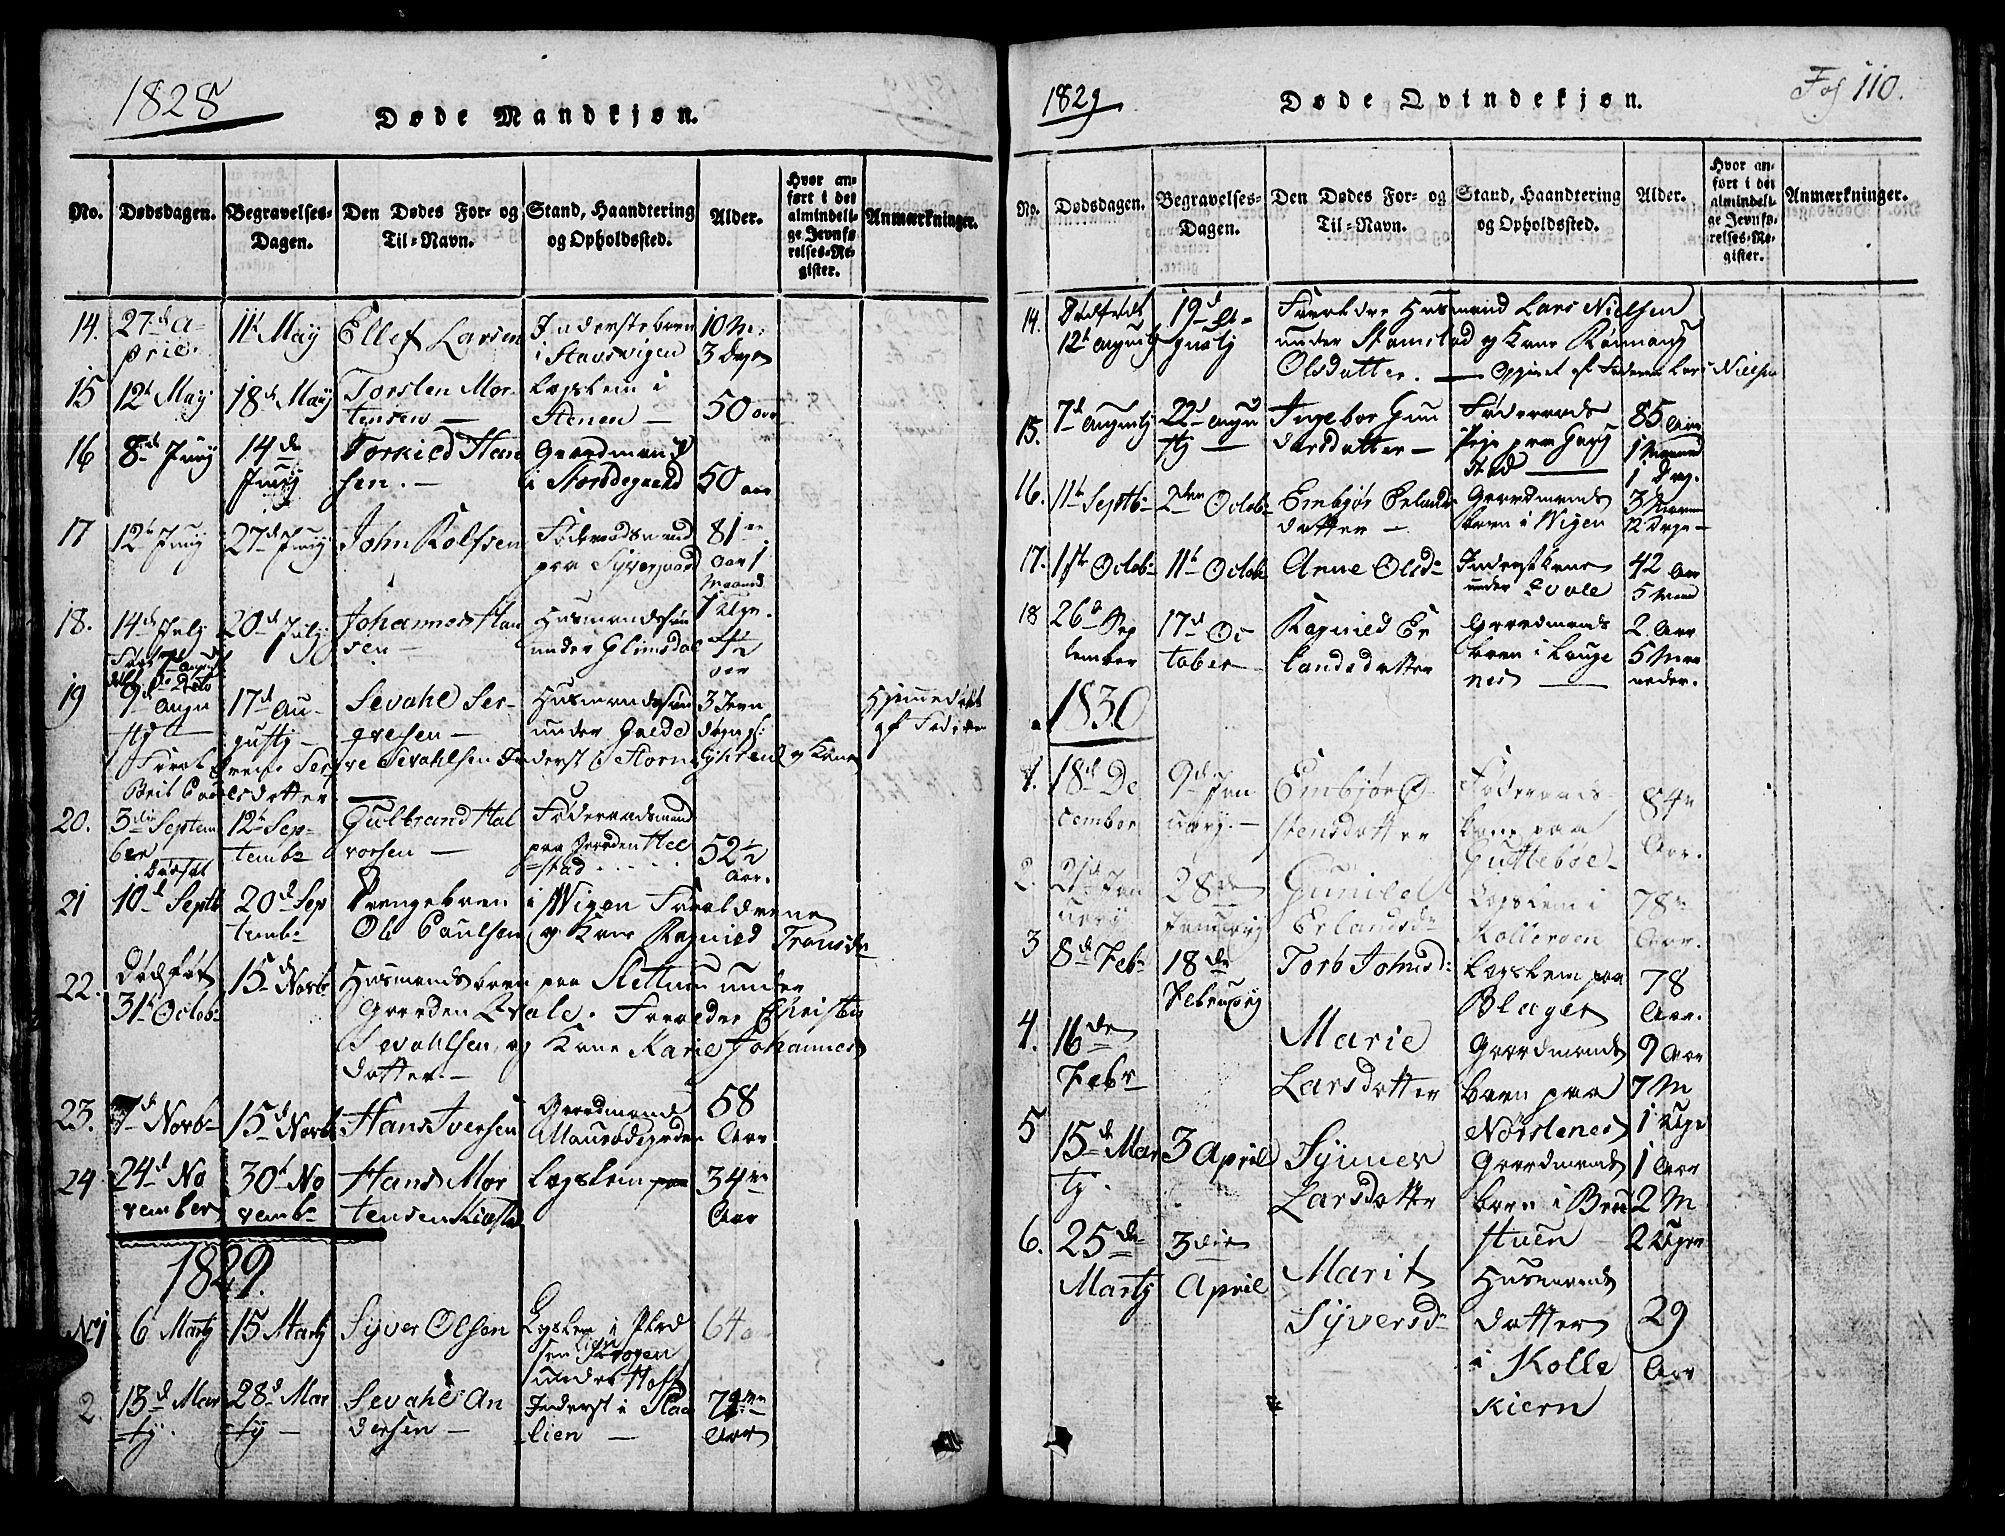 SAH, Lom prestekontor, L/L0001: Klokkerbok nr. 1, 1815-1836, s. 110